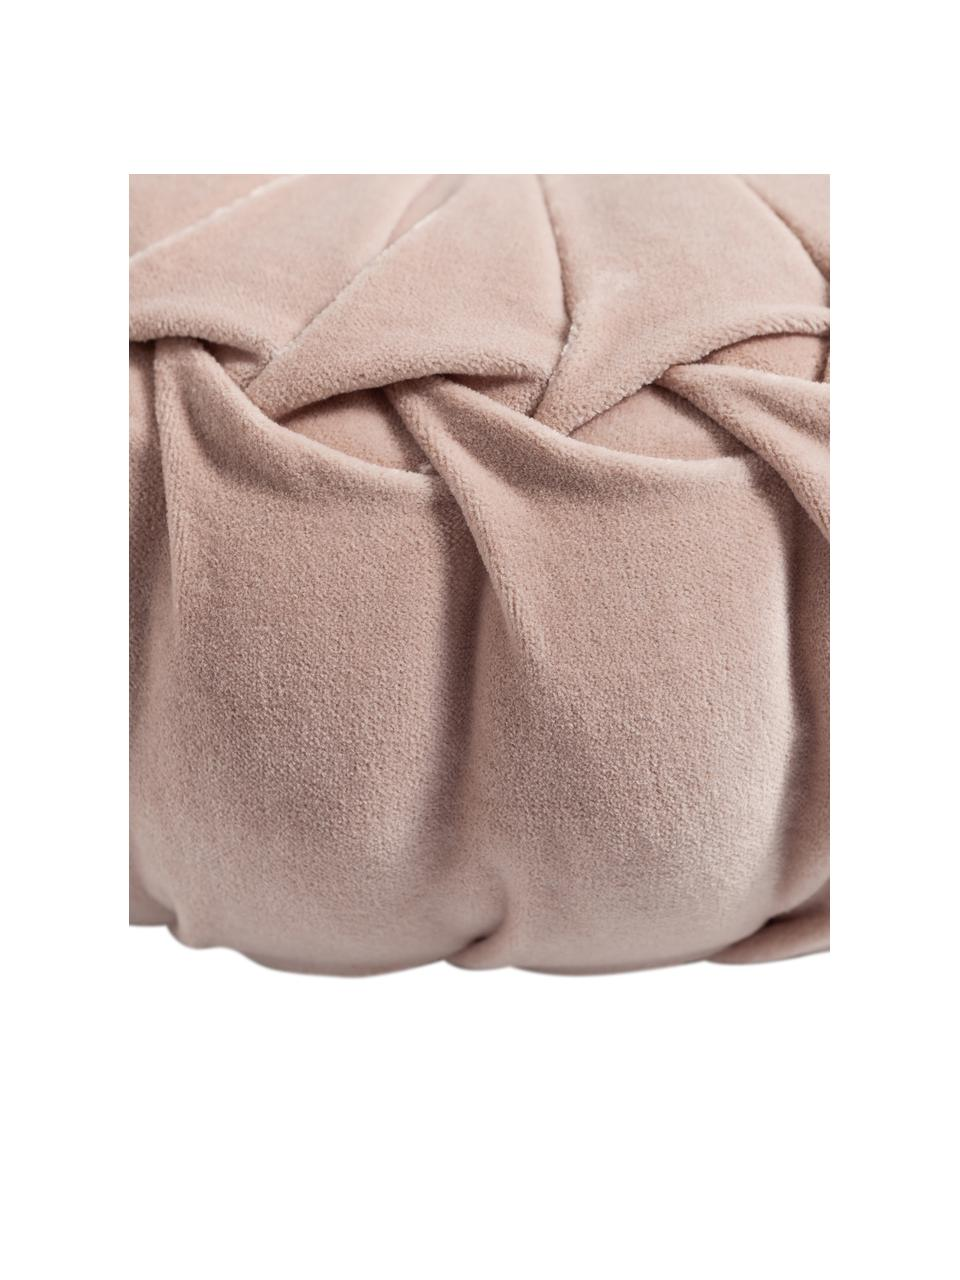 Rundes Samt-Kissen Kanan mit Raffungen, mit Inlett, Bezug: 100% Baumwollsamt, Puderrosa, Ø 40 cm